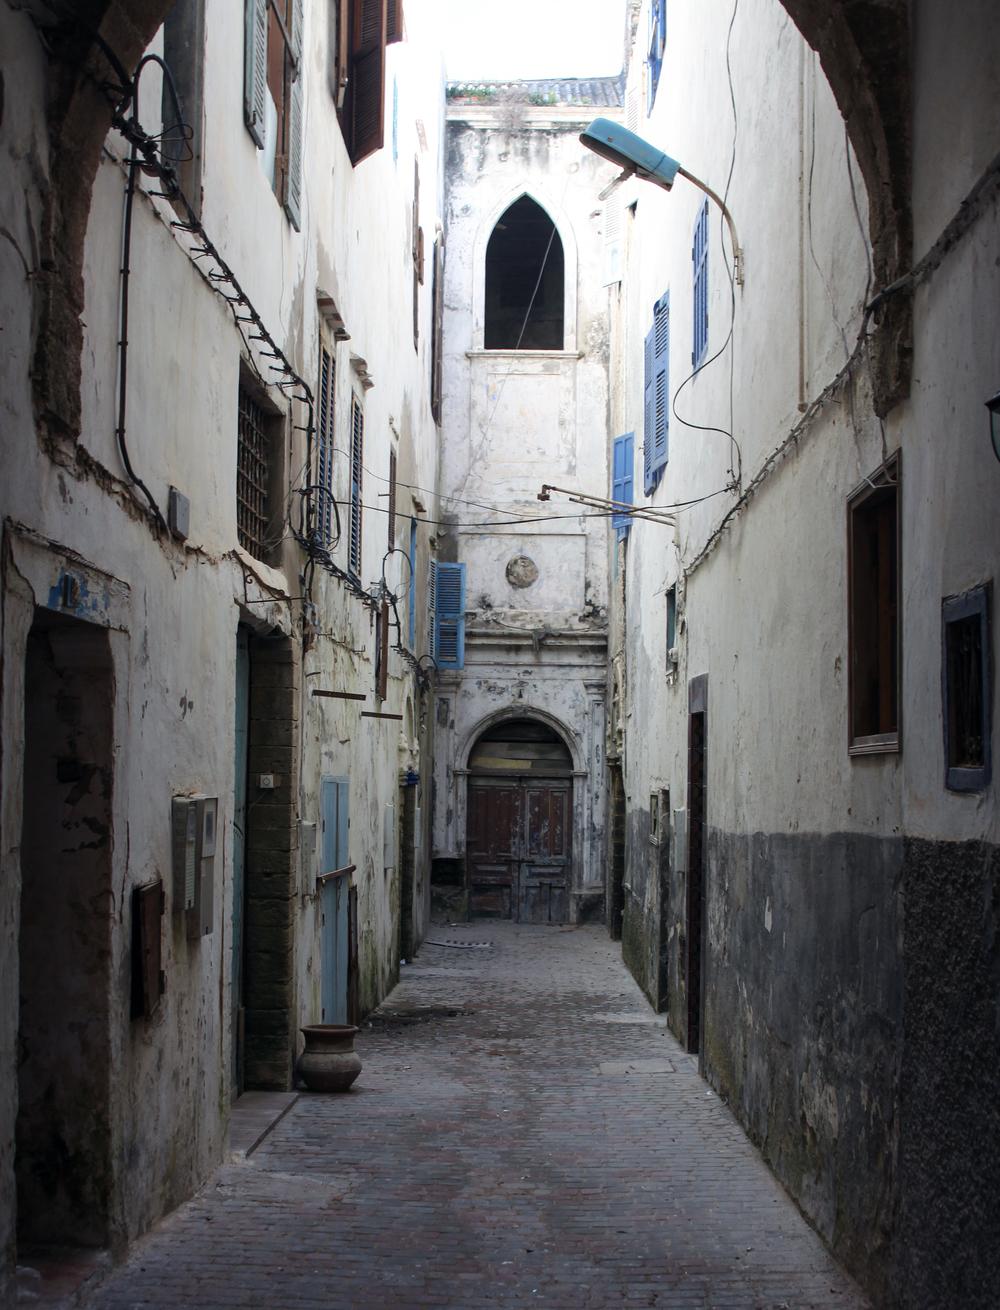 Morocco - Essouira